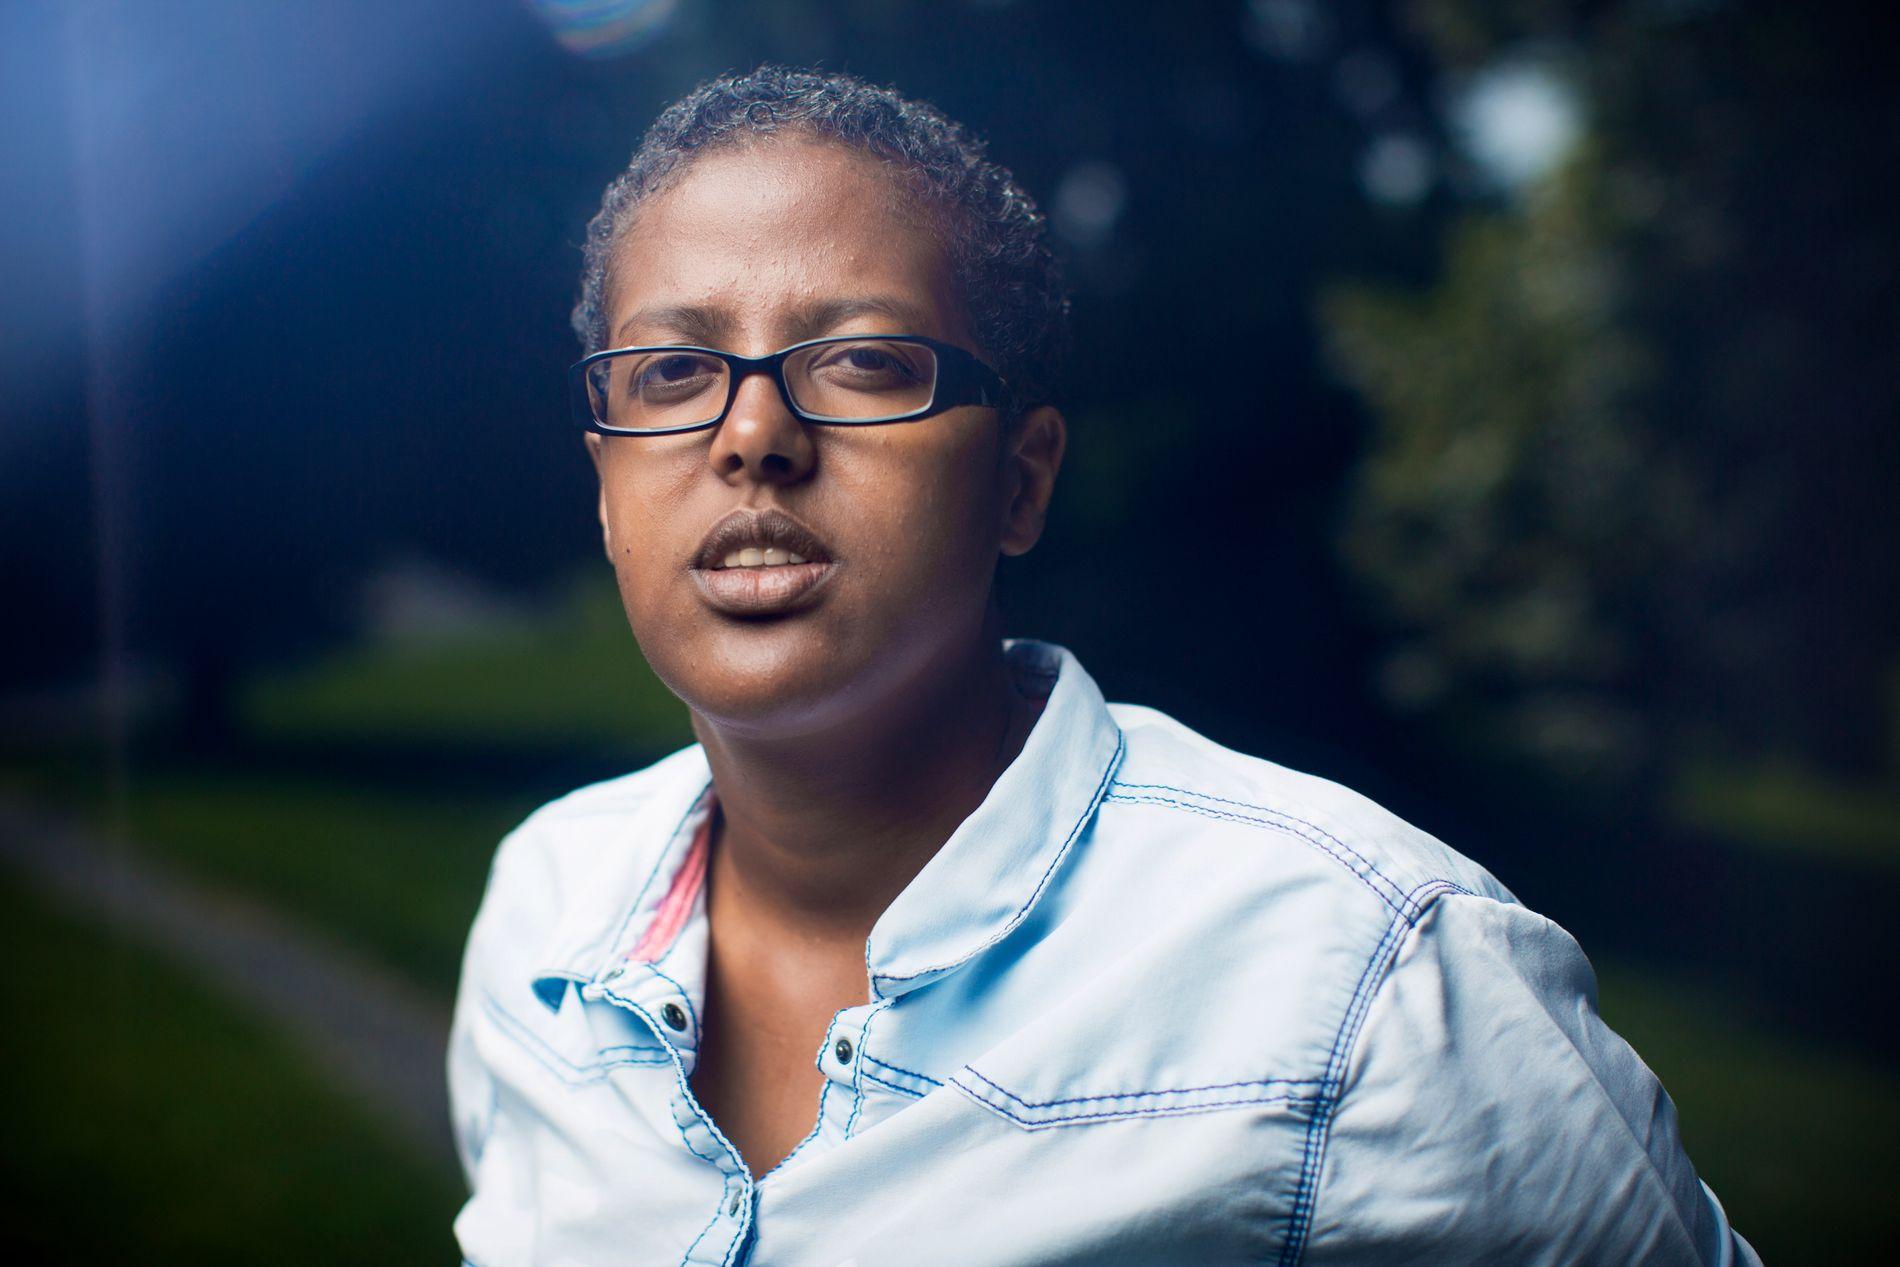 BESKYTTET: – Opp gjennom årene har jeg mottatt mange hatmeldinger og konkrete trusler, og det er en kjensgjerning at jeg i mange år har levd med politibeskyttelse. Og politiet beskytter ikke norske borgere for moro skyld, skriver Amal Aden.